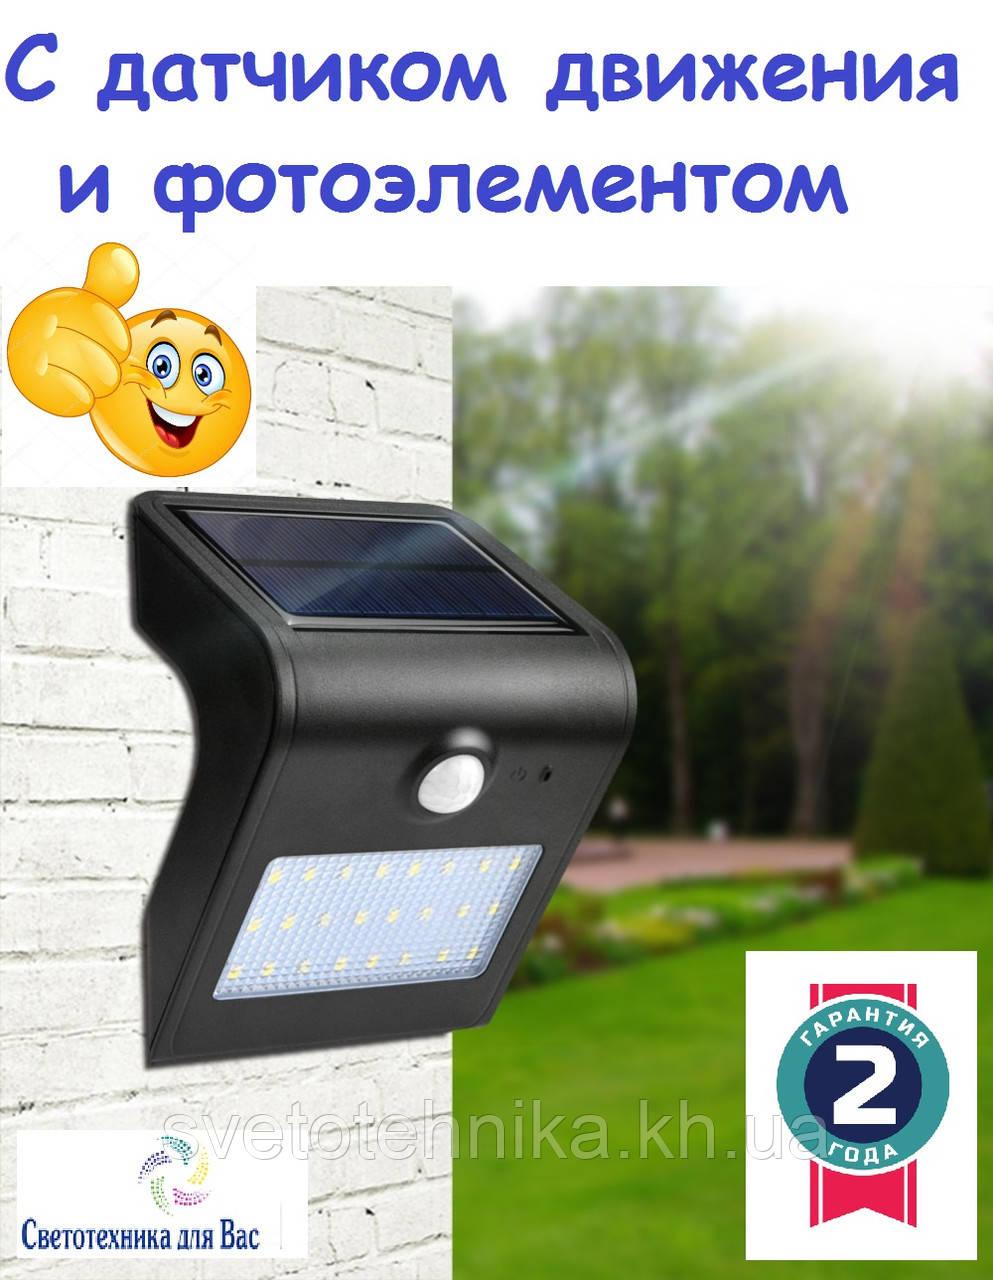 LED светильник фасадный на солнечной батарее с фотоэлементом и датчиком движения SIRIUS-1